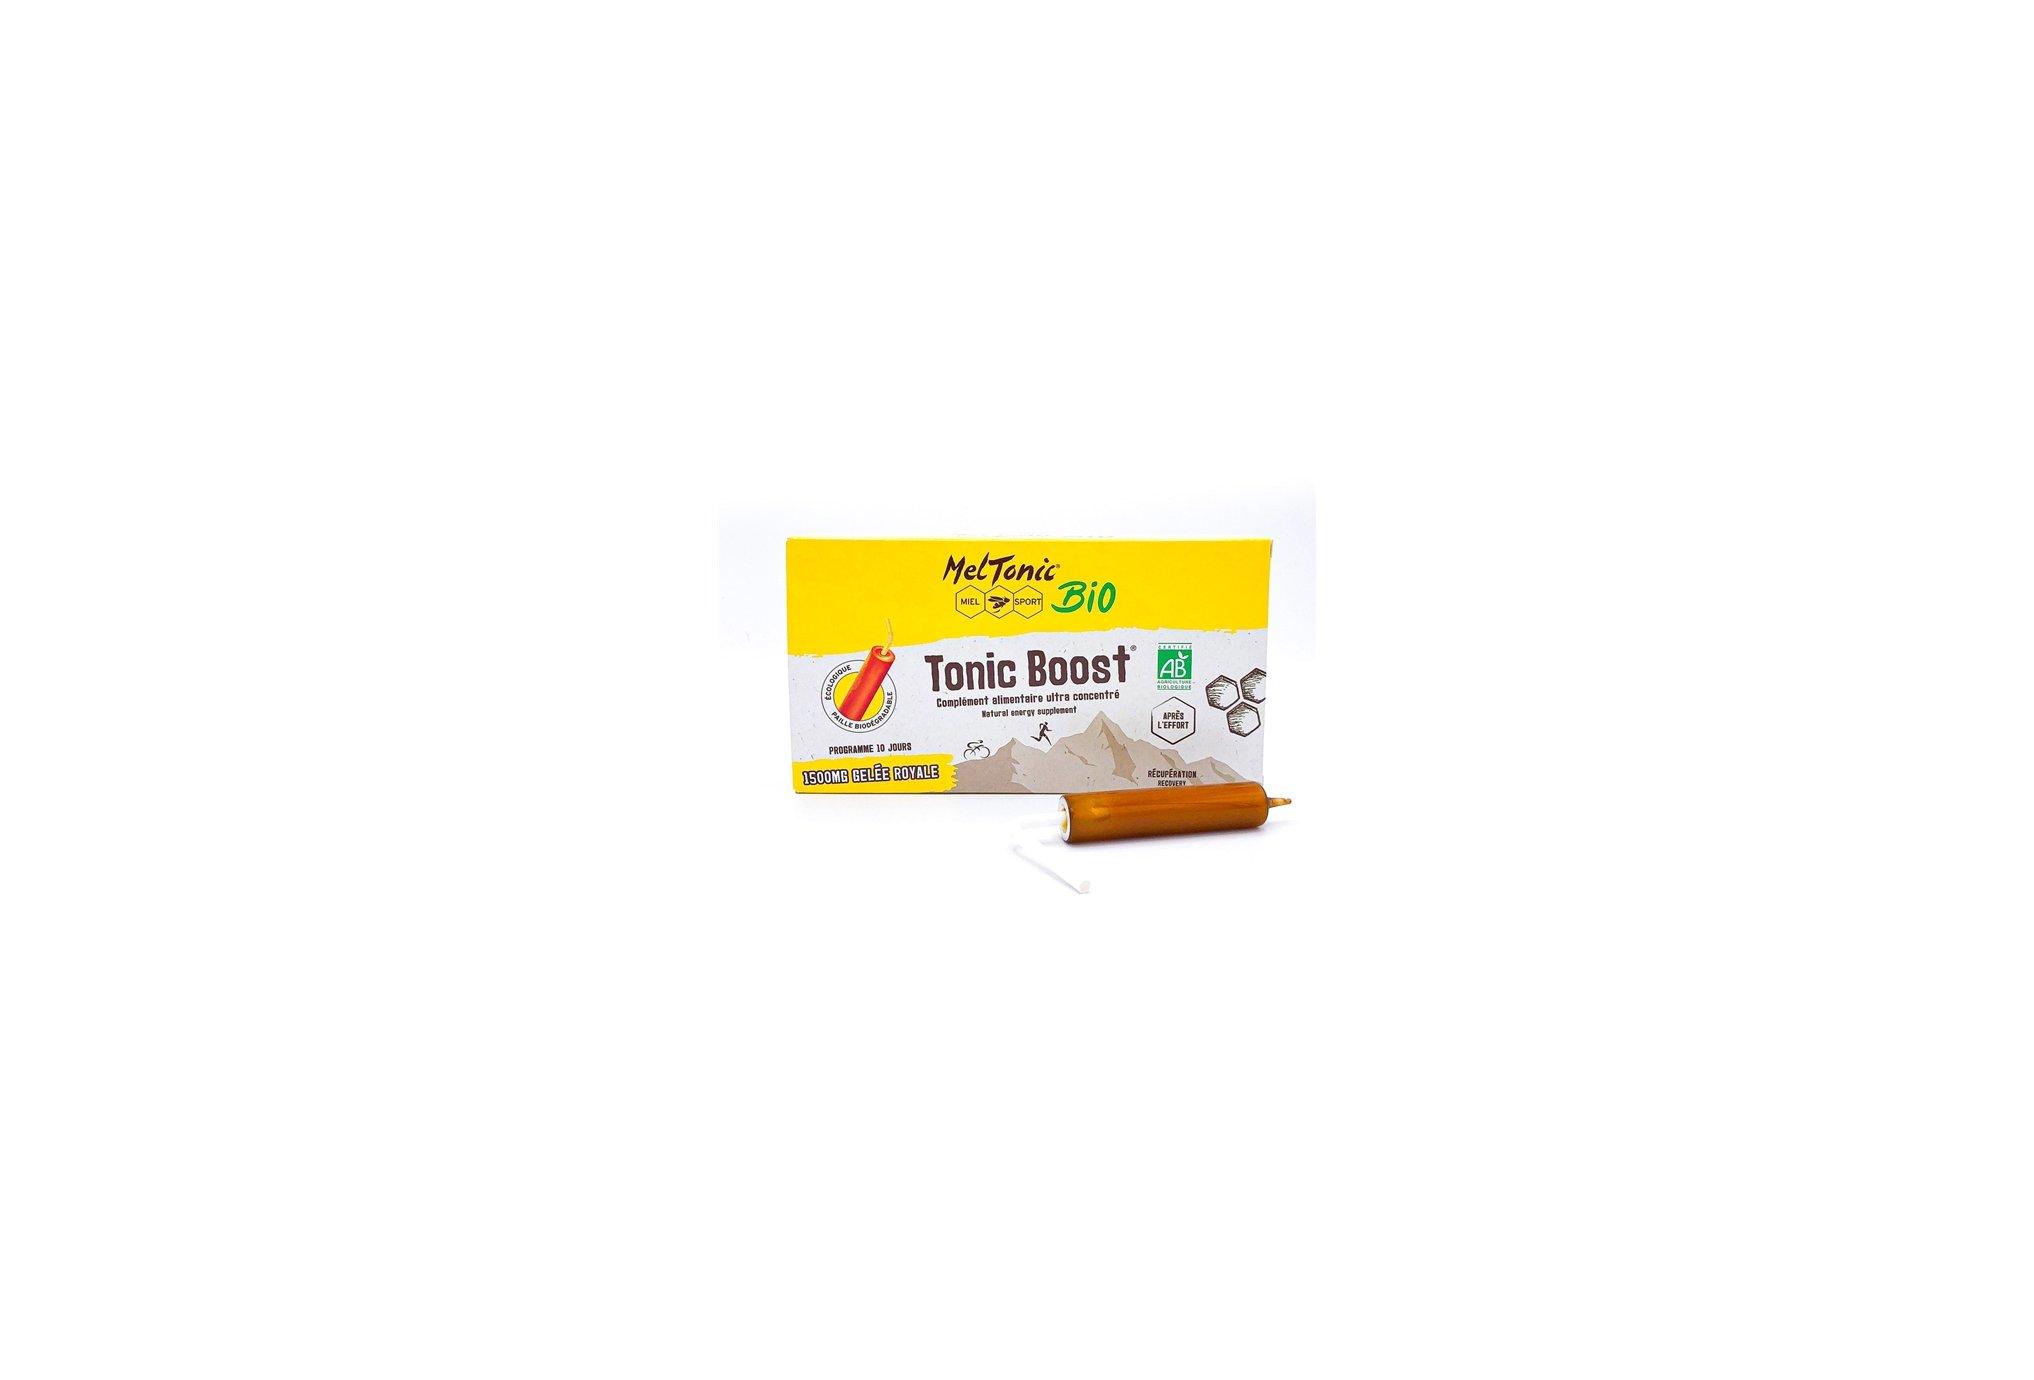 MelTonic Tonic Boost Bio Diététique Compléments